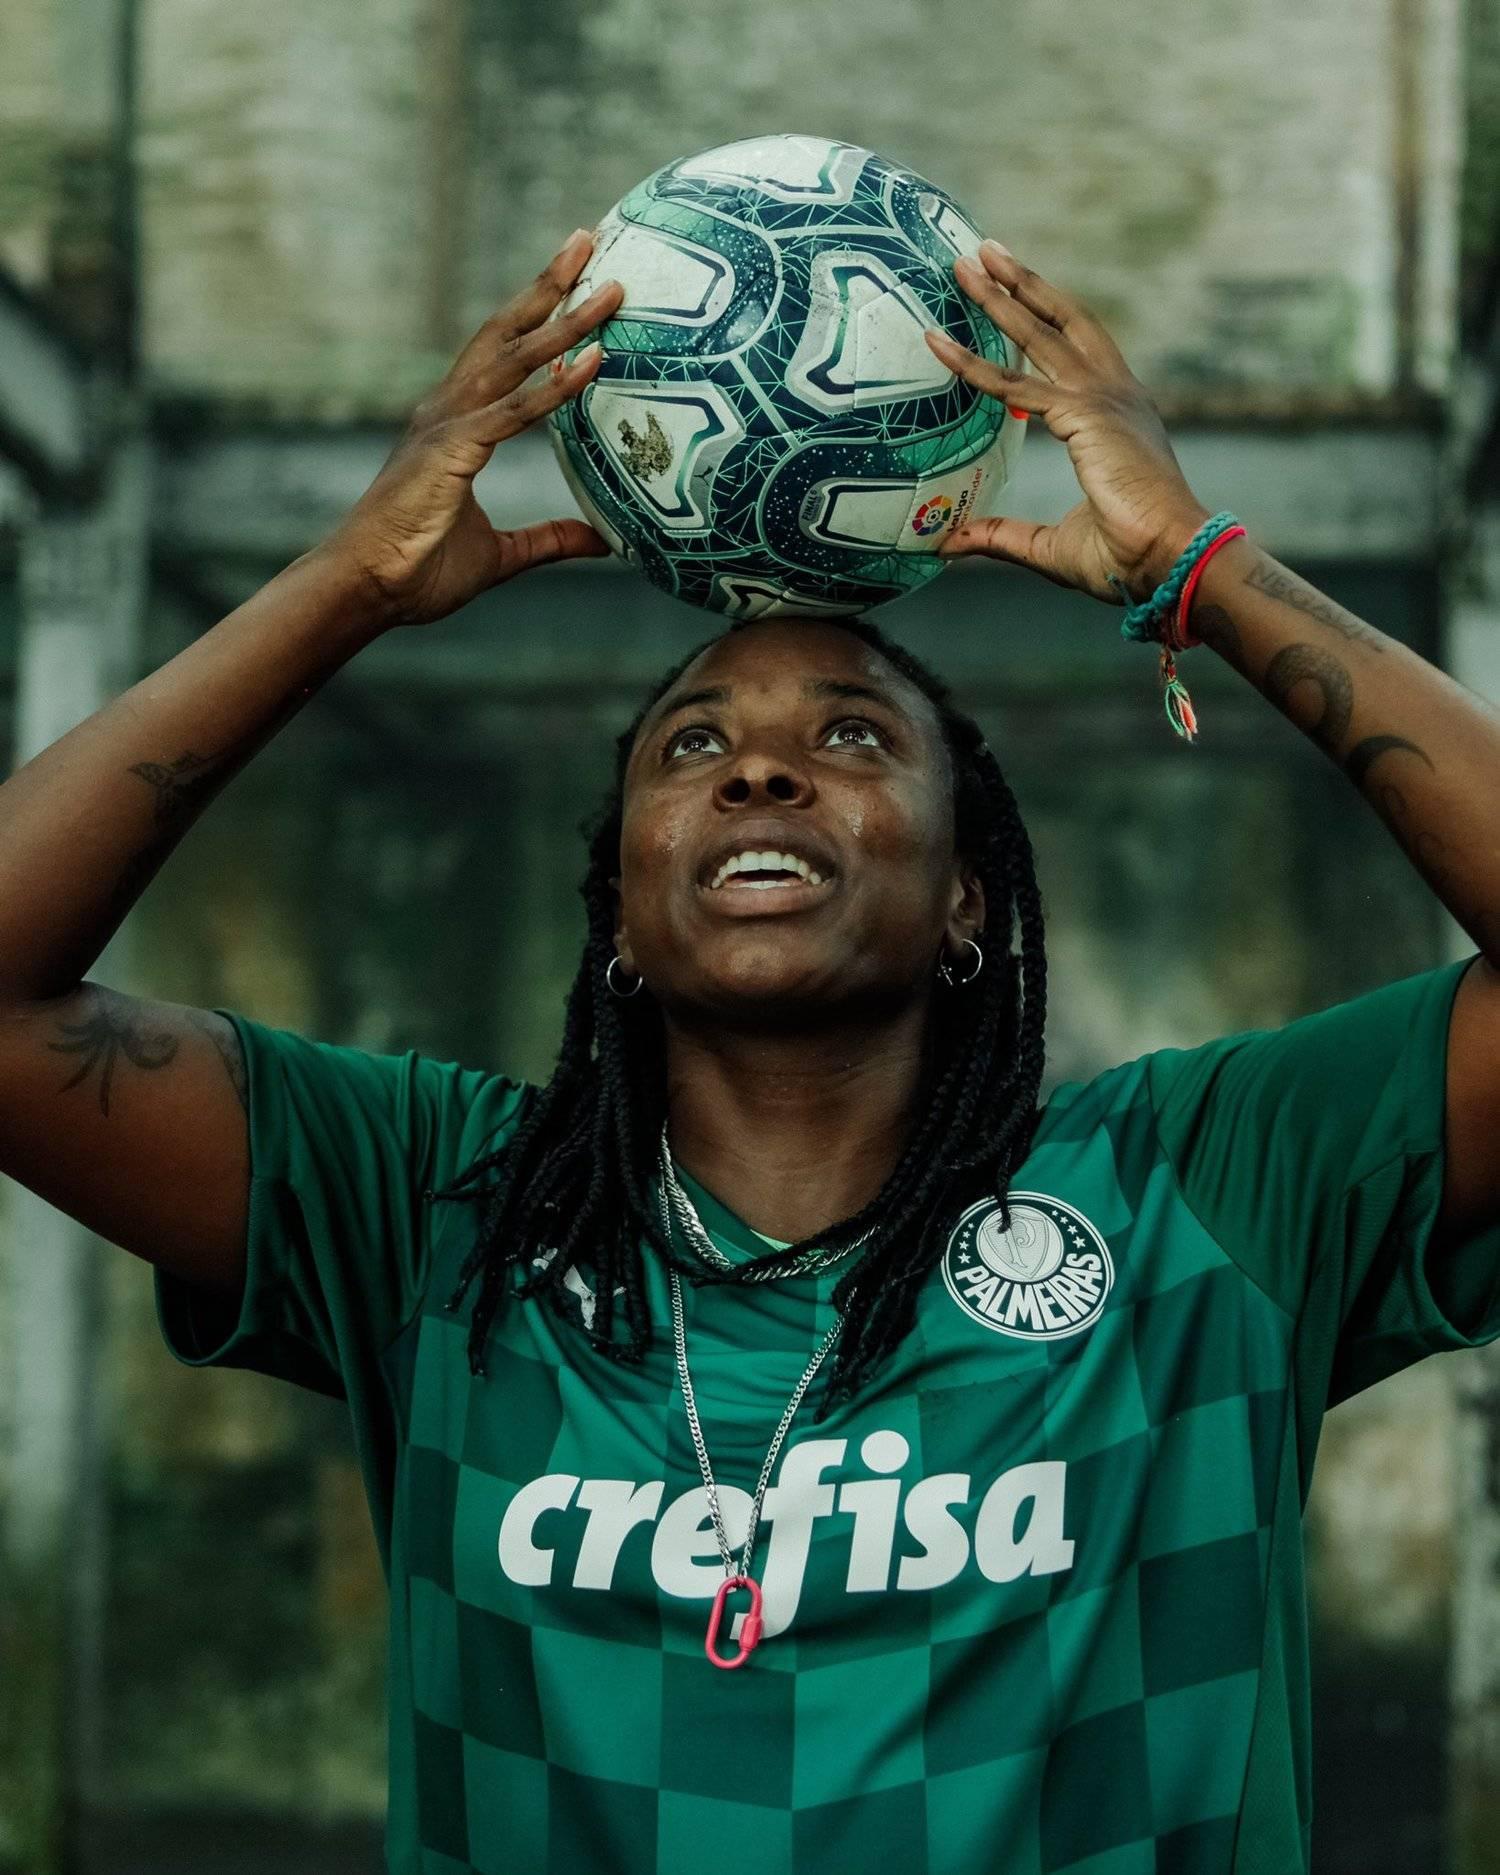 Delegados ligados a conselheiros do Palmeiras analisam as mensagens racistas. São criminosas